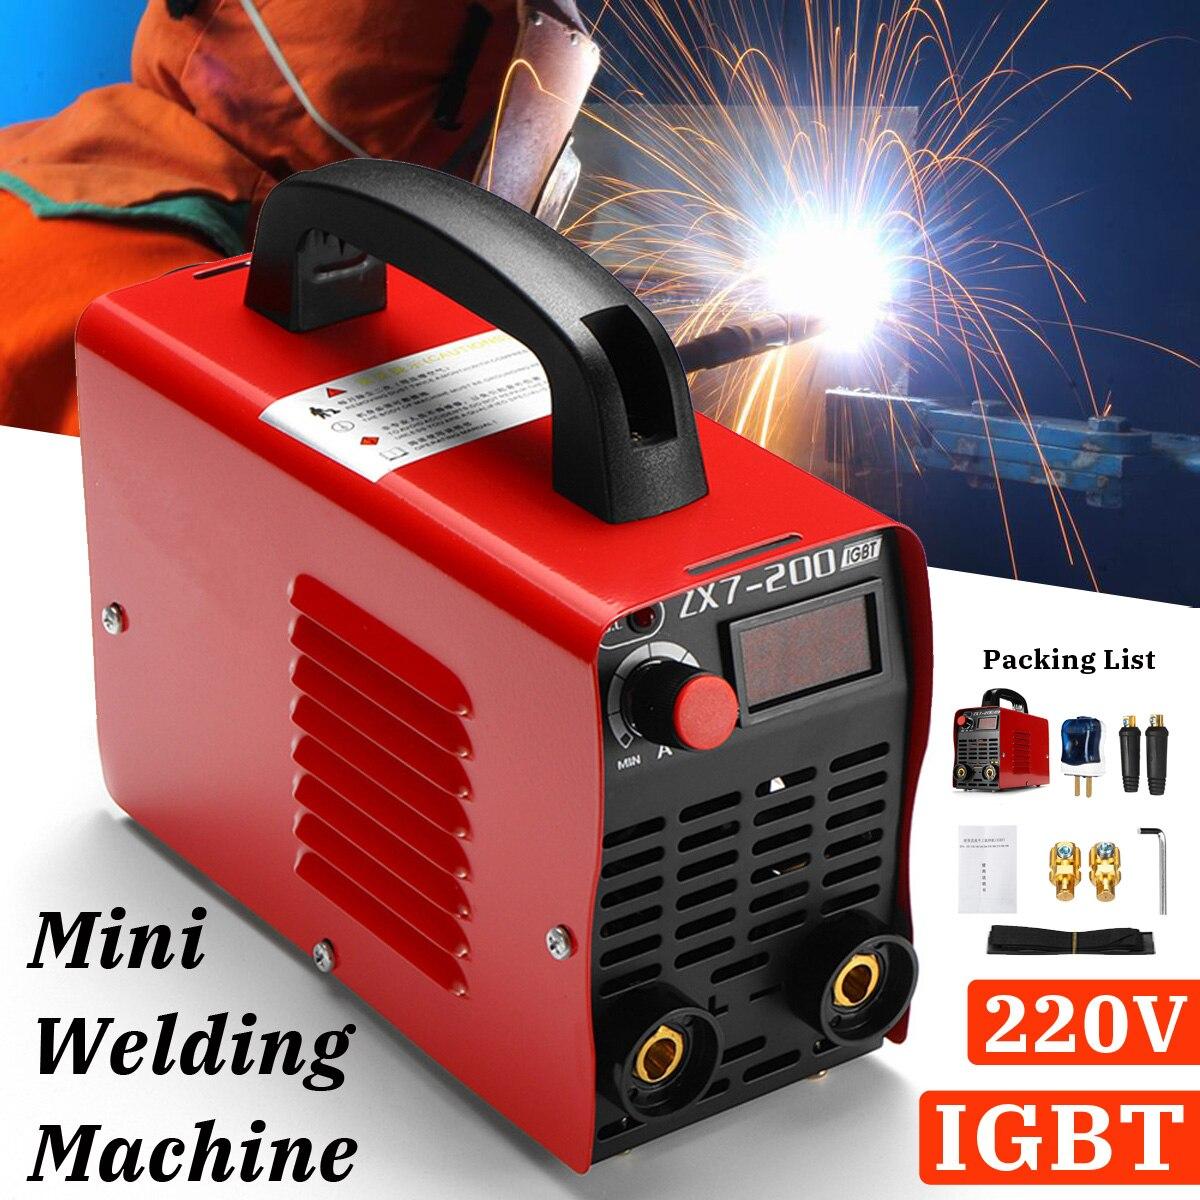 4000 В в 10-200инверторов ММА IGBT Вт ручной мини-220 мини электрическая дуговая сварка сварщик-машина инструмент